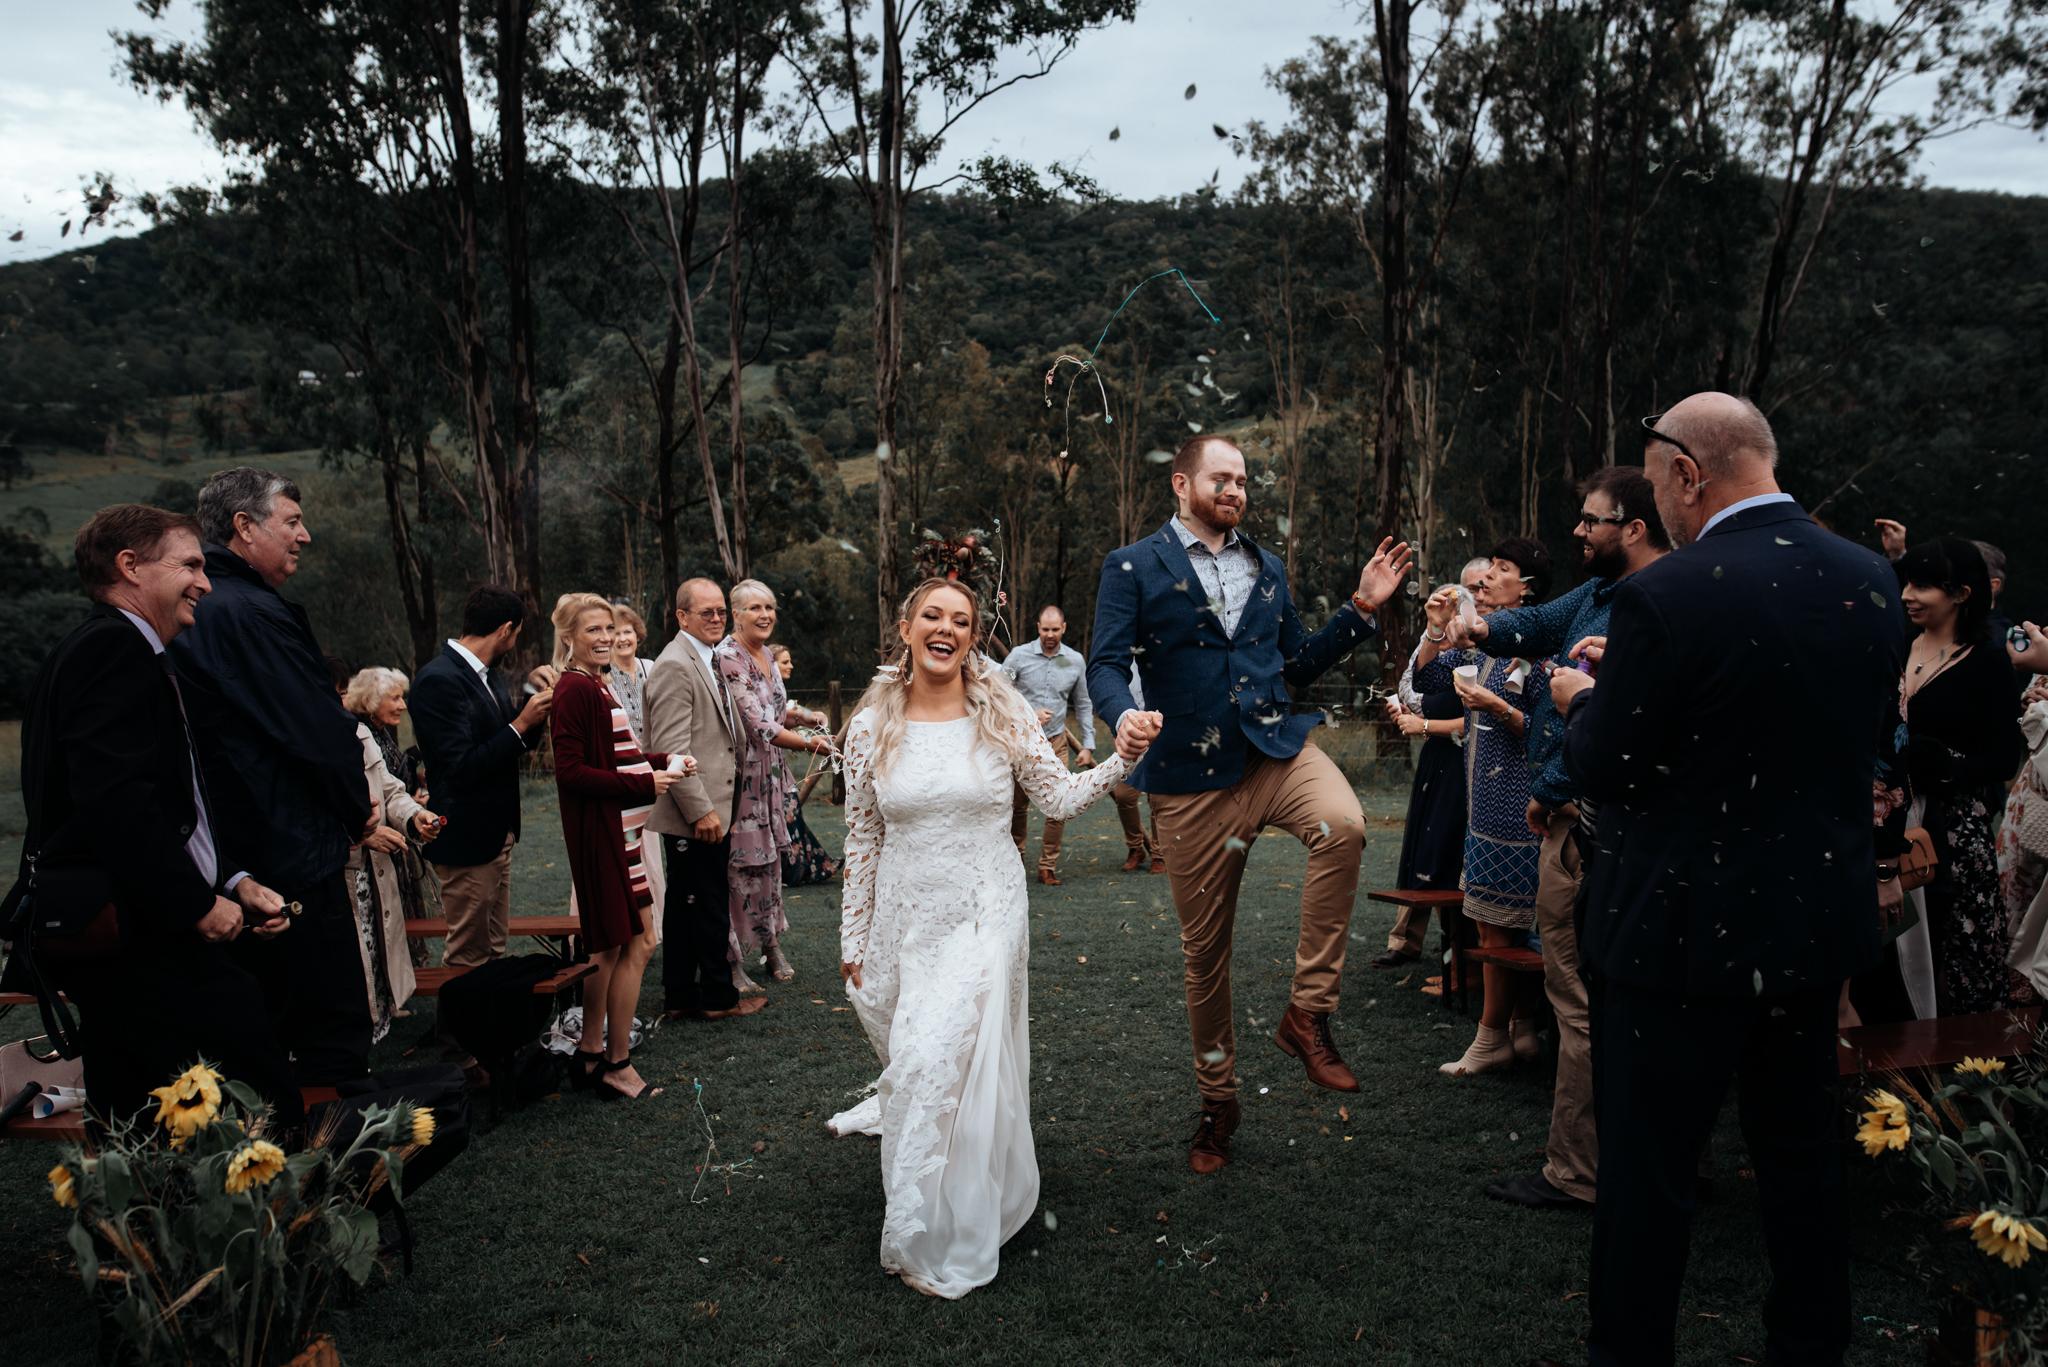 LOVELENSCAPES • GOLD COAST WEDDING PHOTOGRAPHER • J+C • TIPI WEDDING